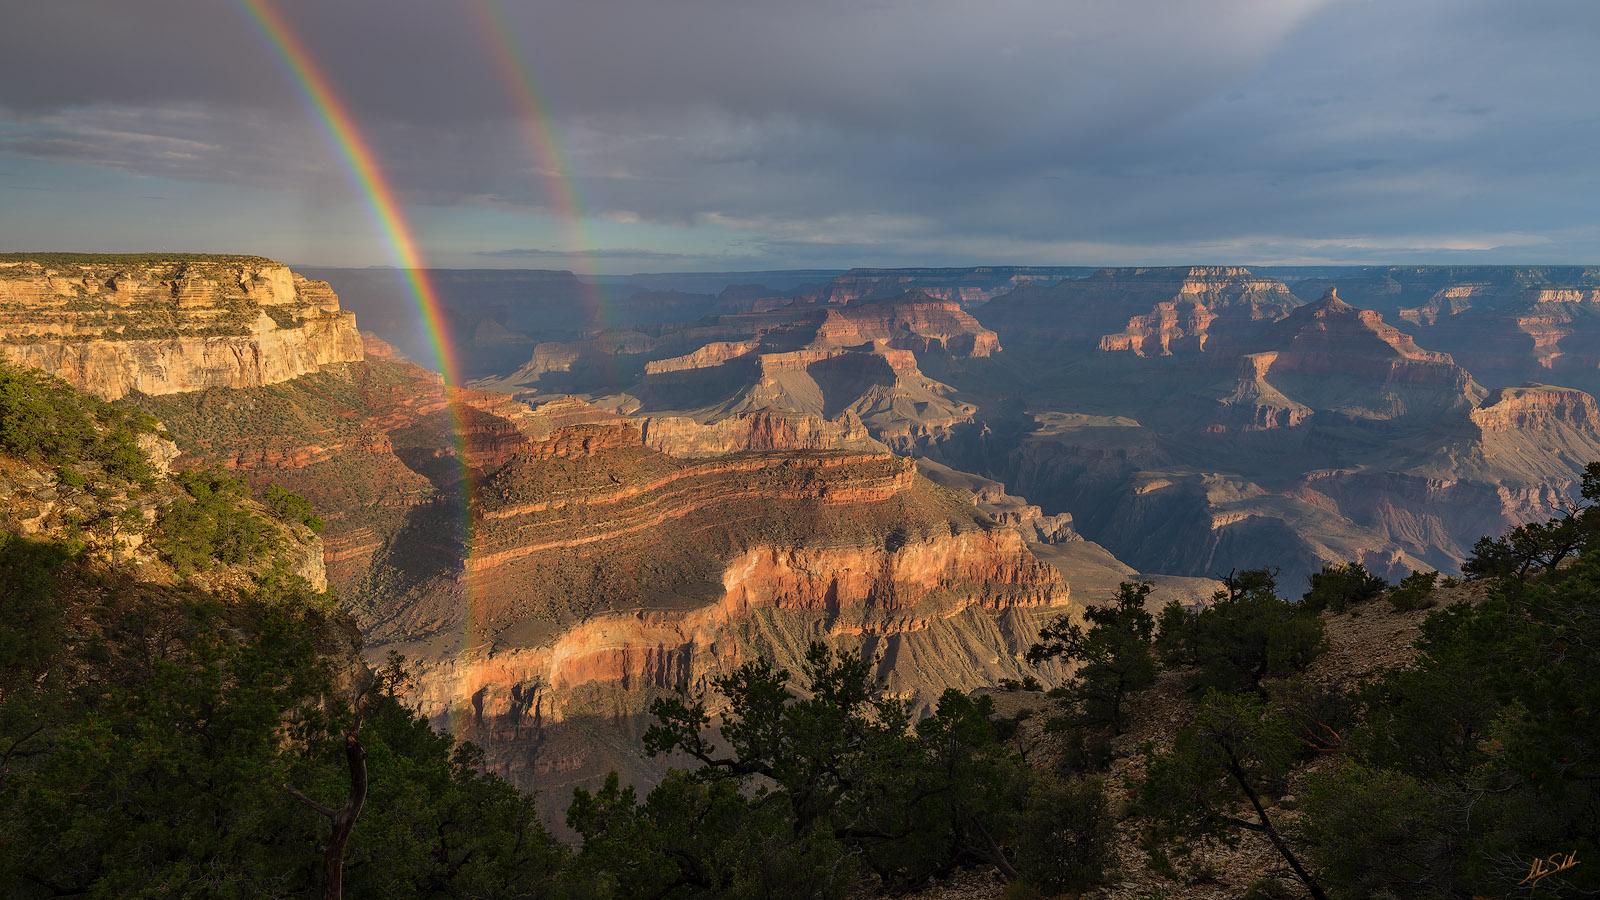 AZ, Arizona, Grand Canyon, Monsoon, National Park, Rainbow, South Rim, Yavapai Point, photo